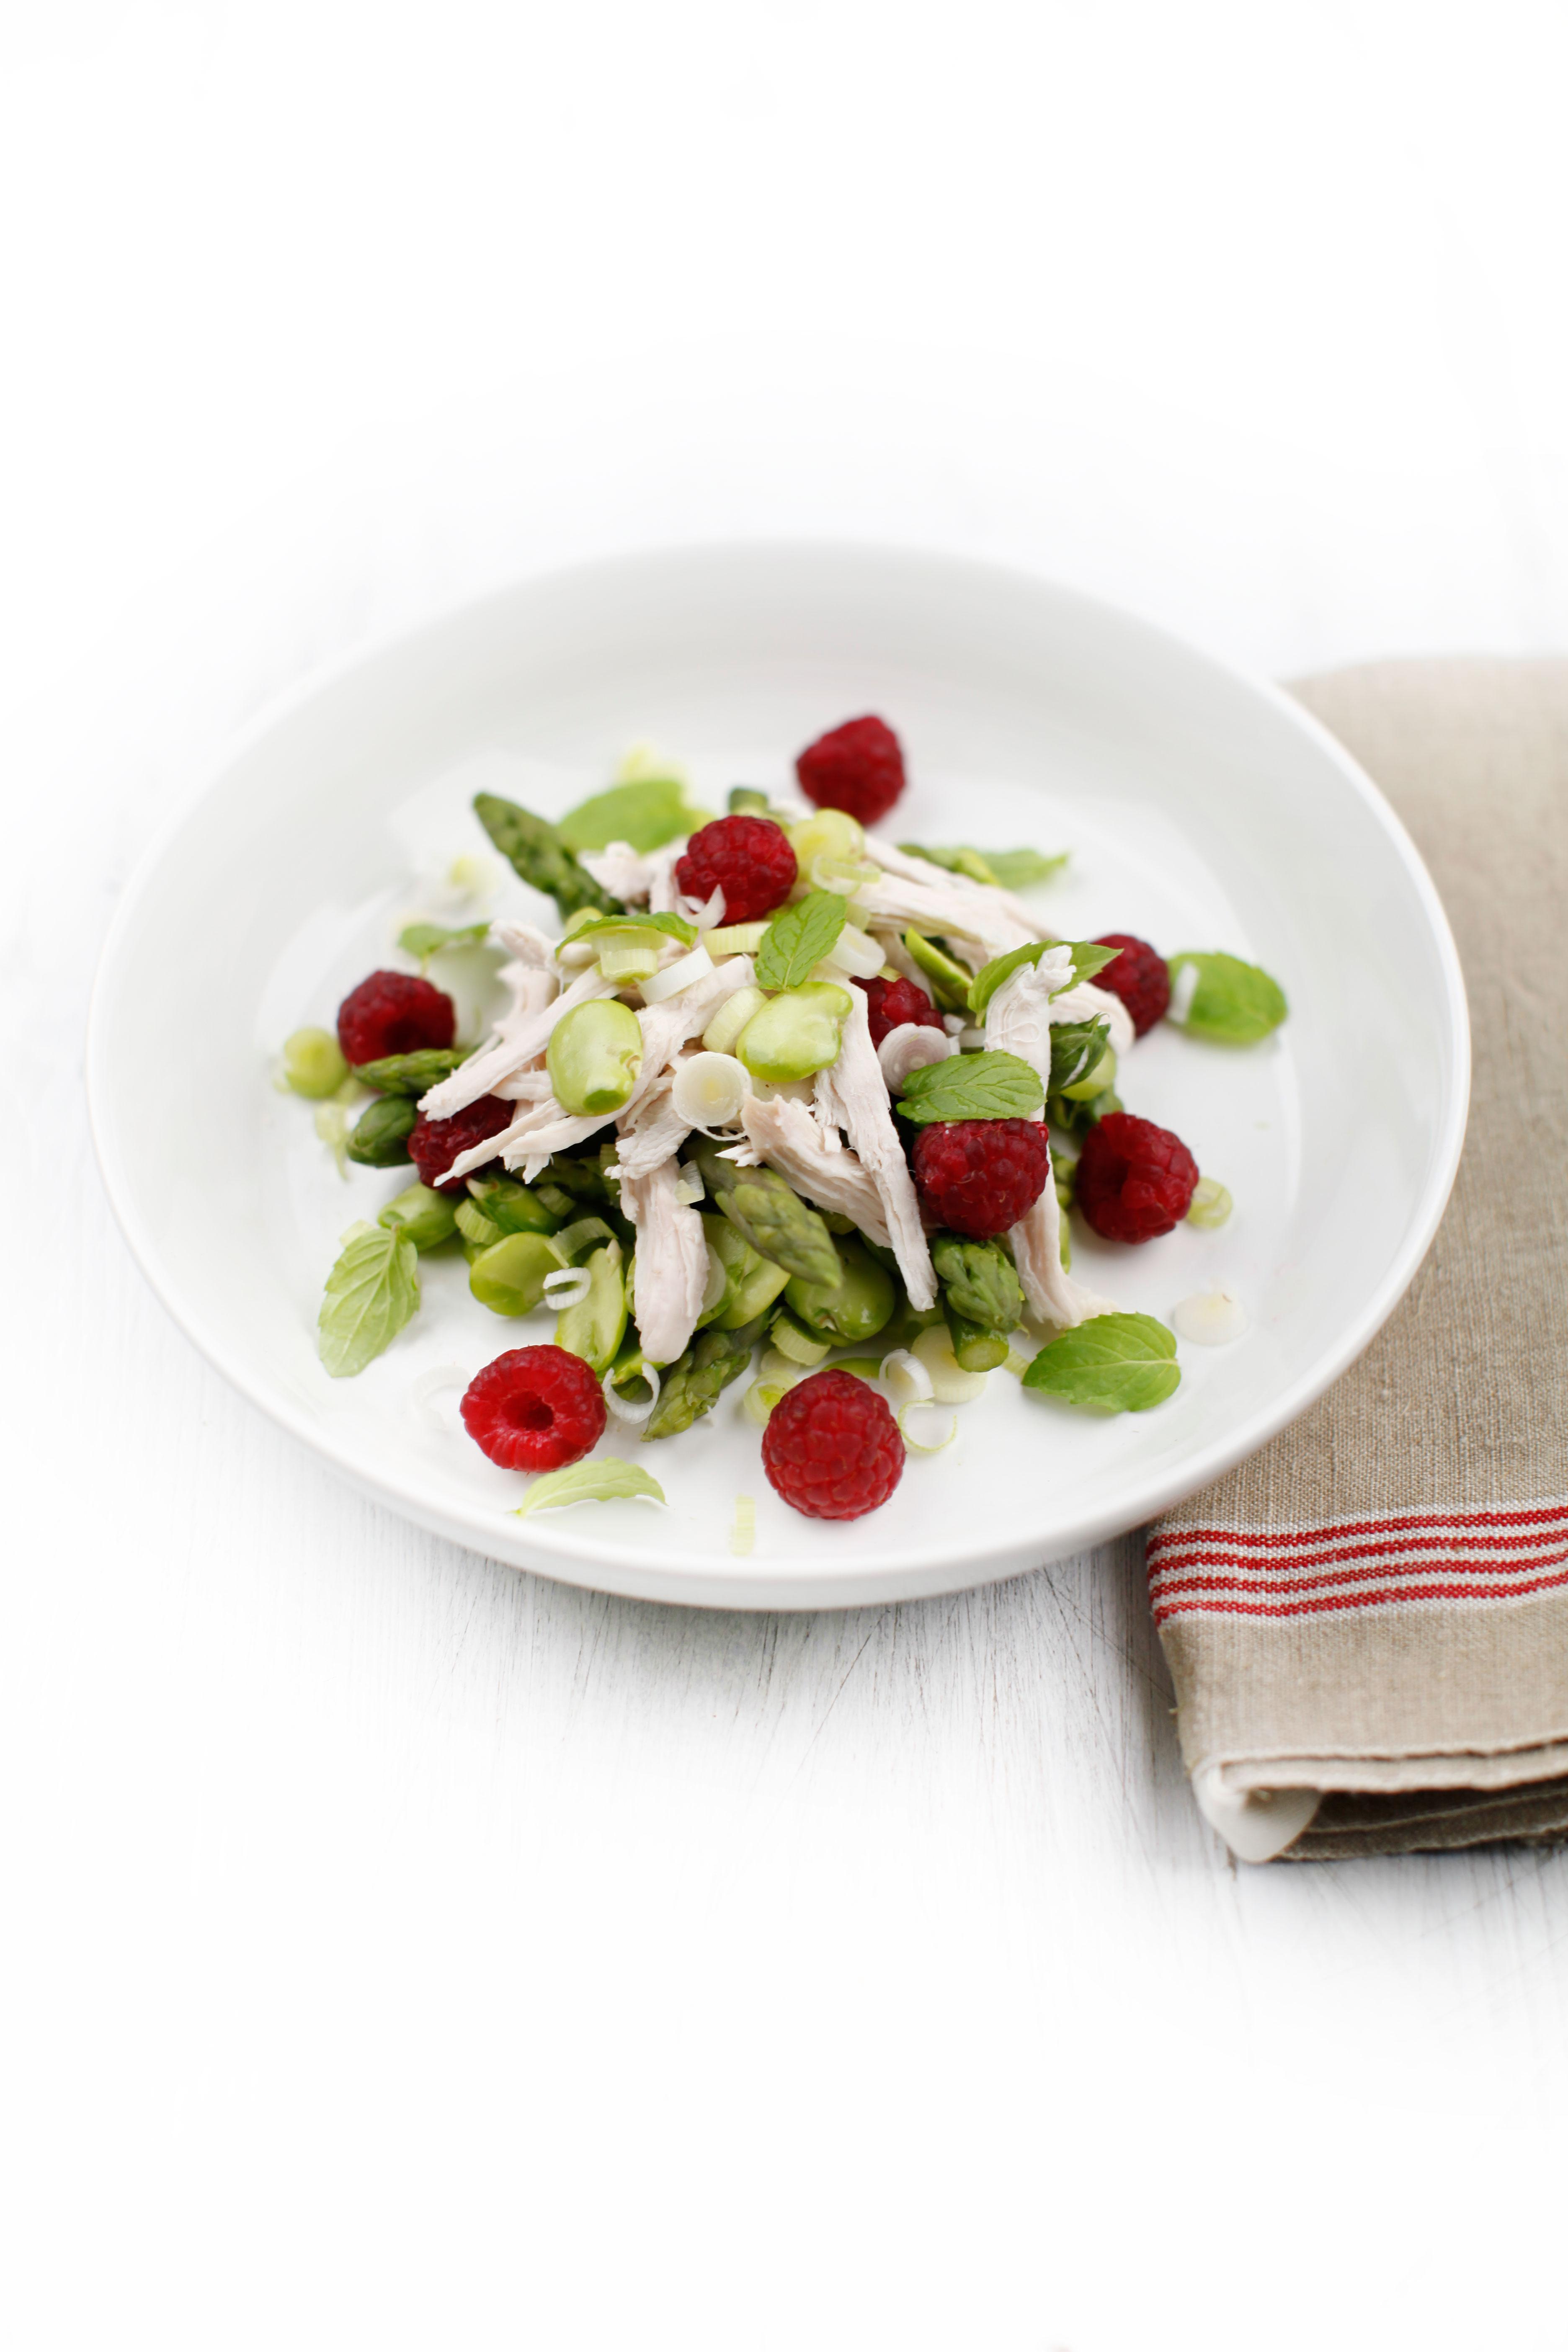 pici-e-castagne-insalata-asparagi-e-lamponi-2